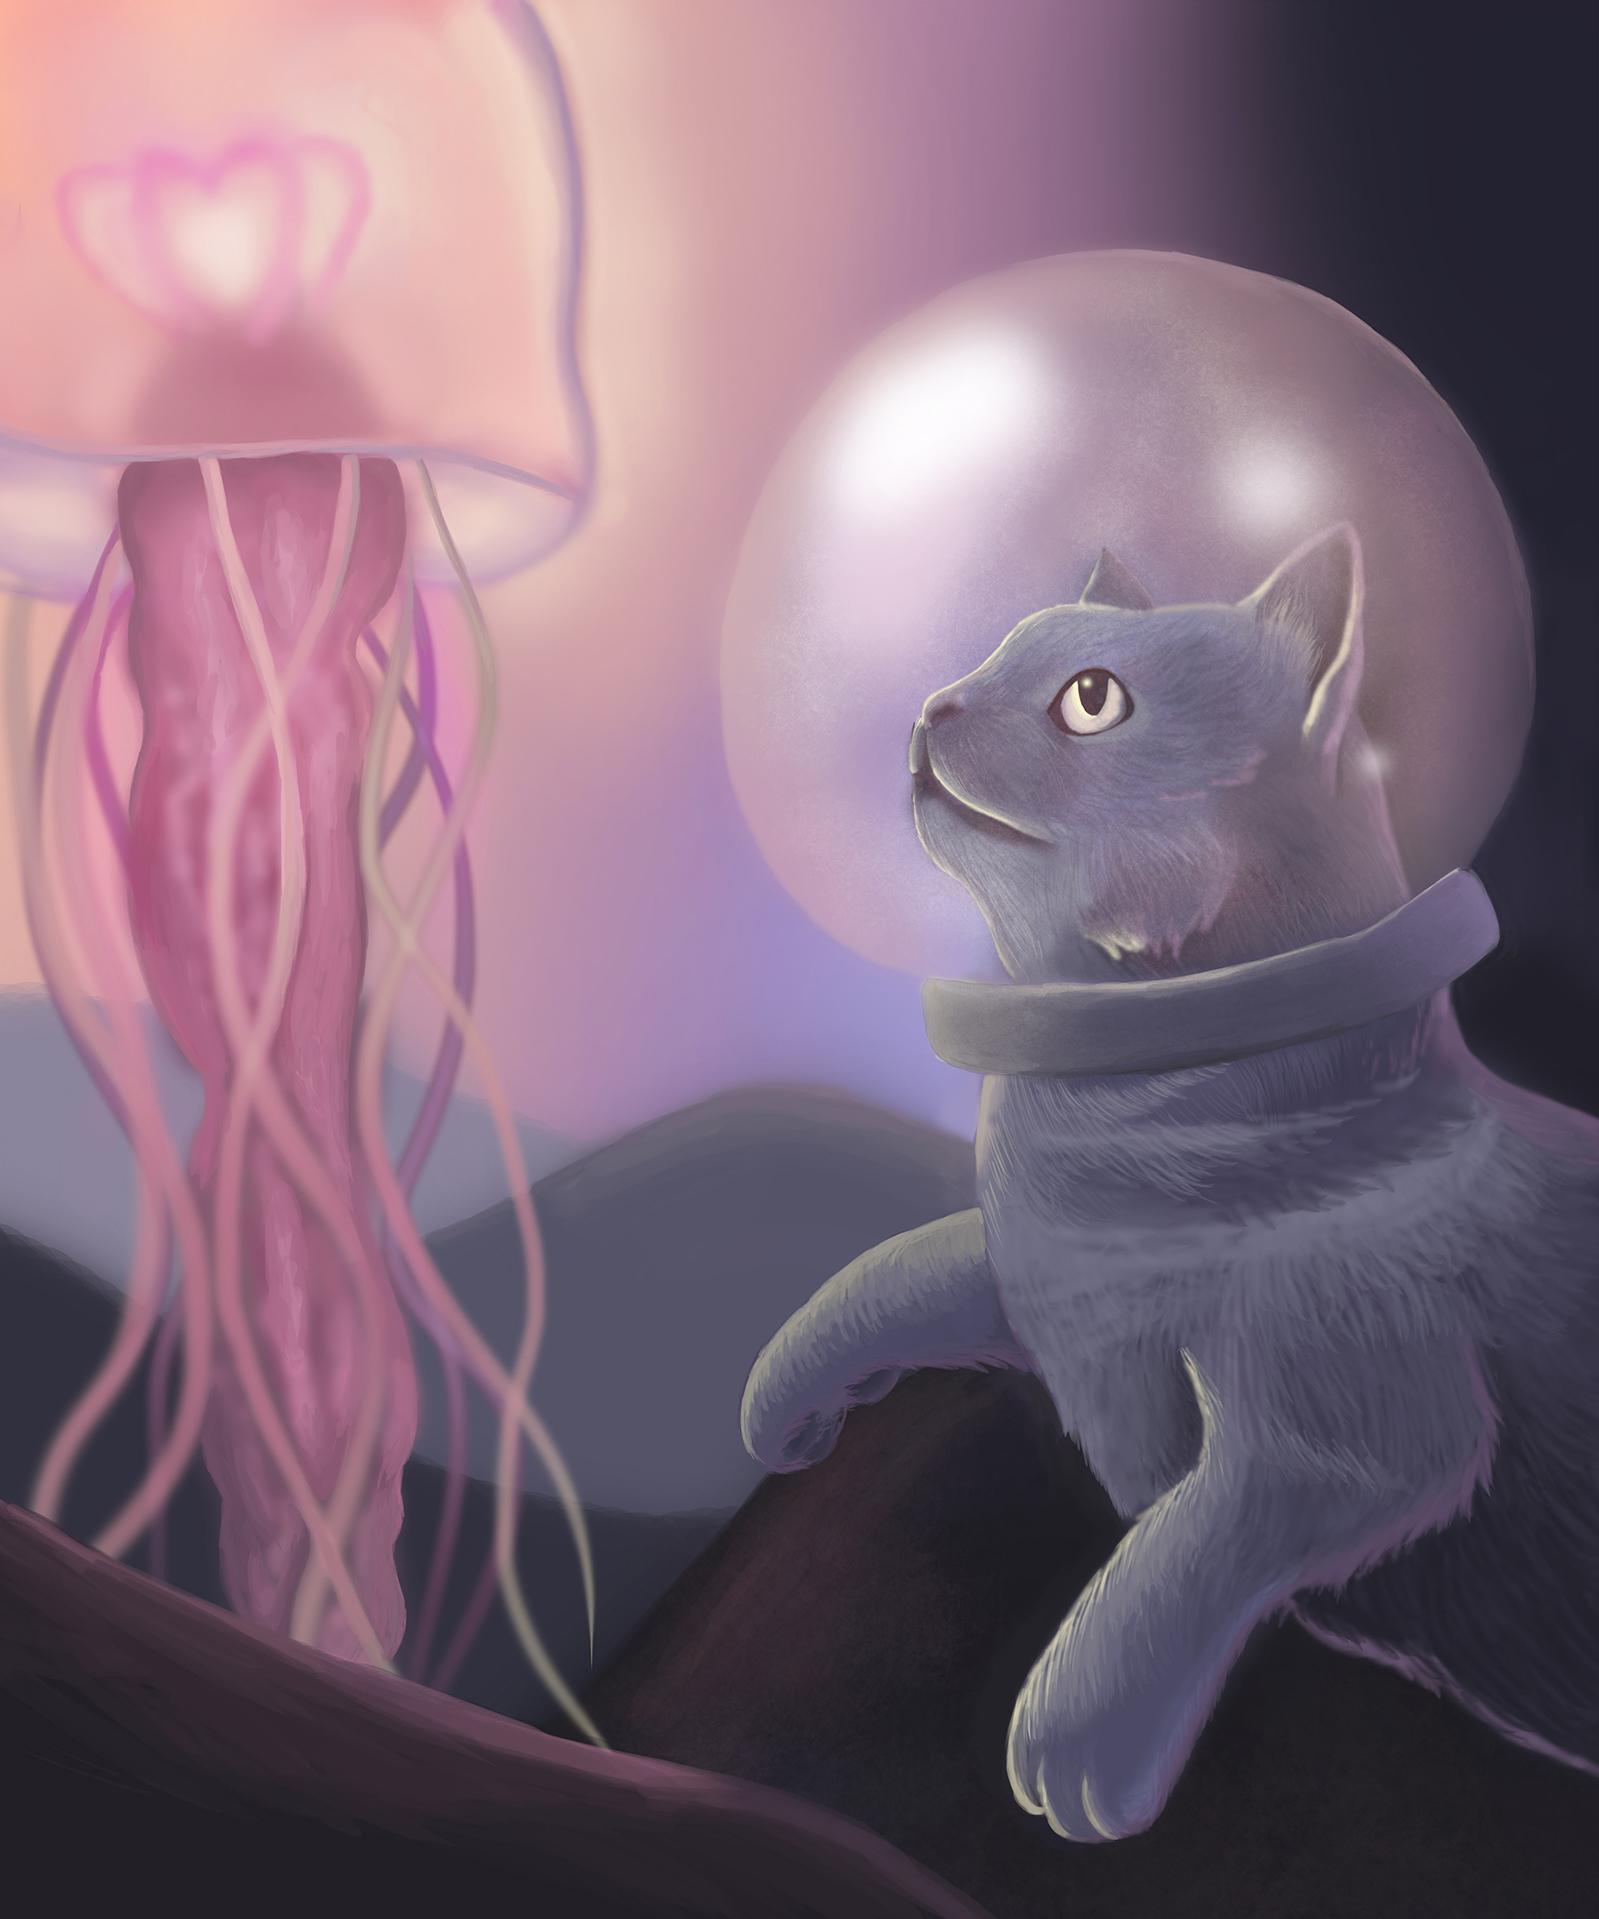 Kirkpatrick_A Cat's Underwater Adventure_digital media.jpg